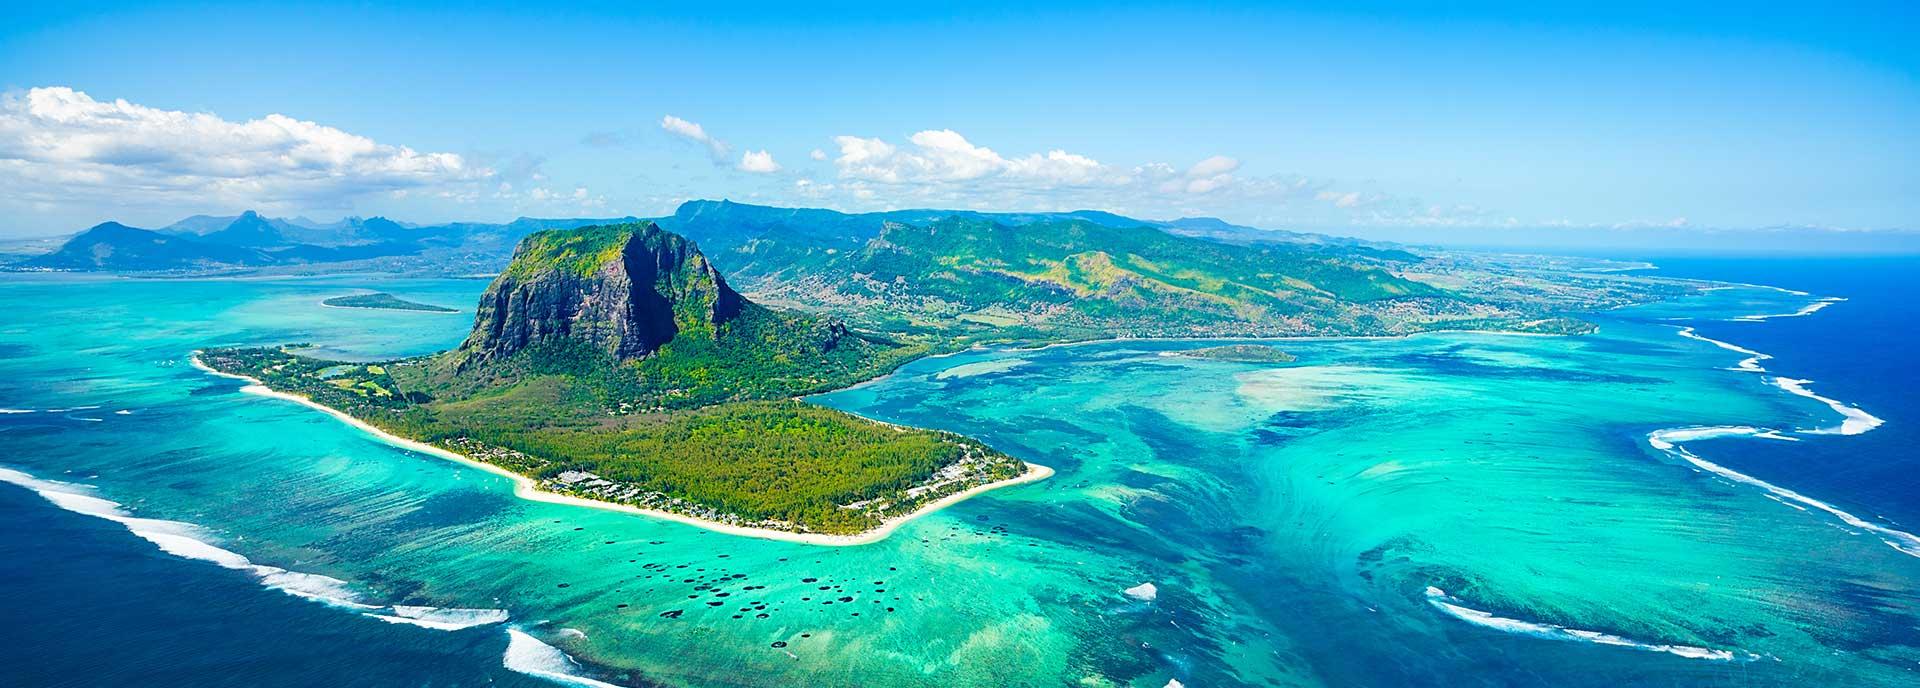 Pacotes de viagens Ilhas Maurício